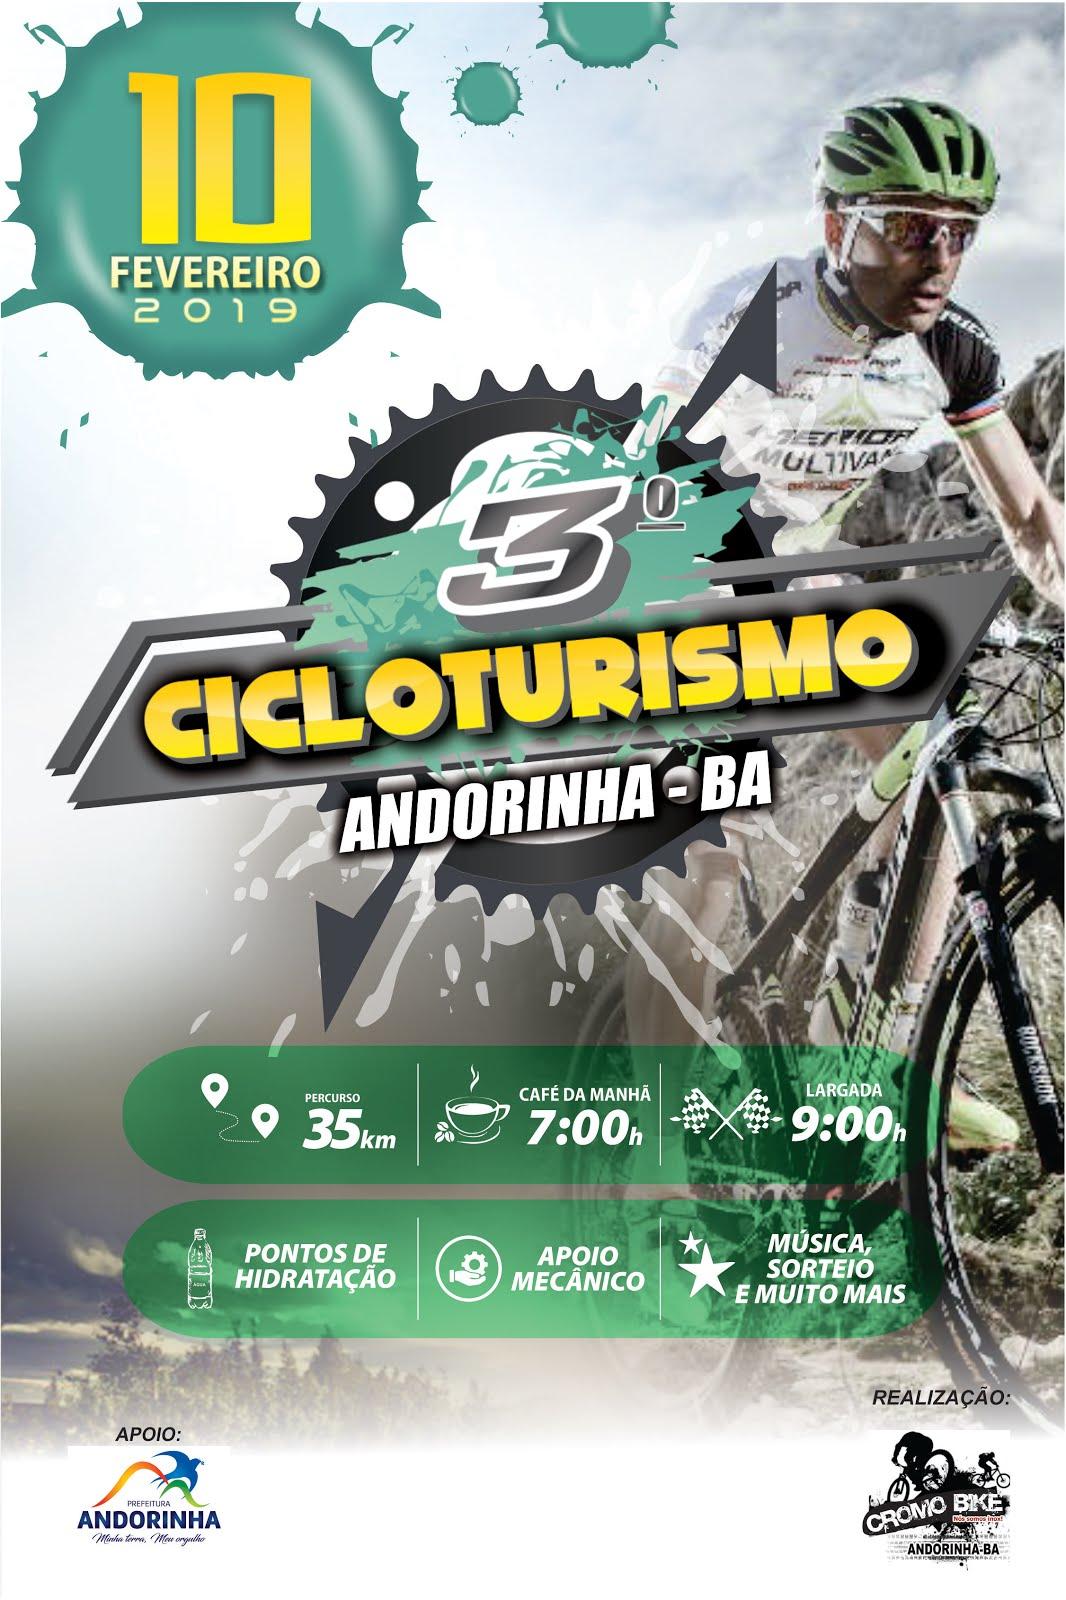 CONFIRA AS FOTOS DO 3º CICLOTURISMO DE ANDORINHA